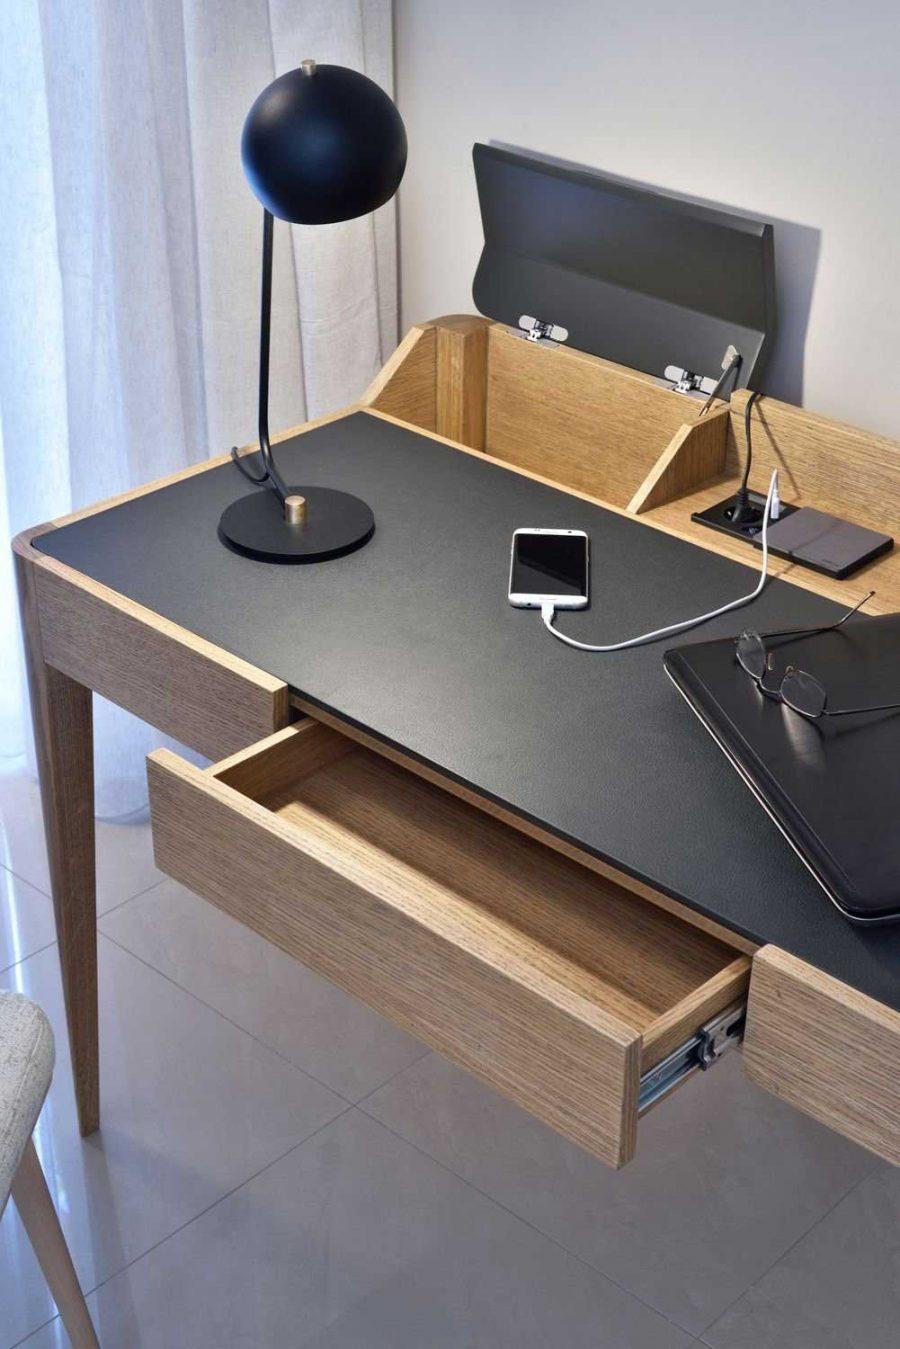 Khi sử dụng bàn làm việc cần cân bằng đến phong cách….